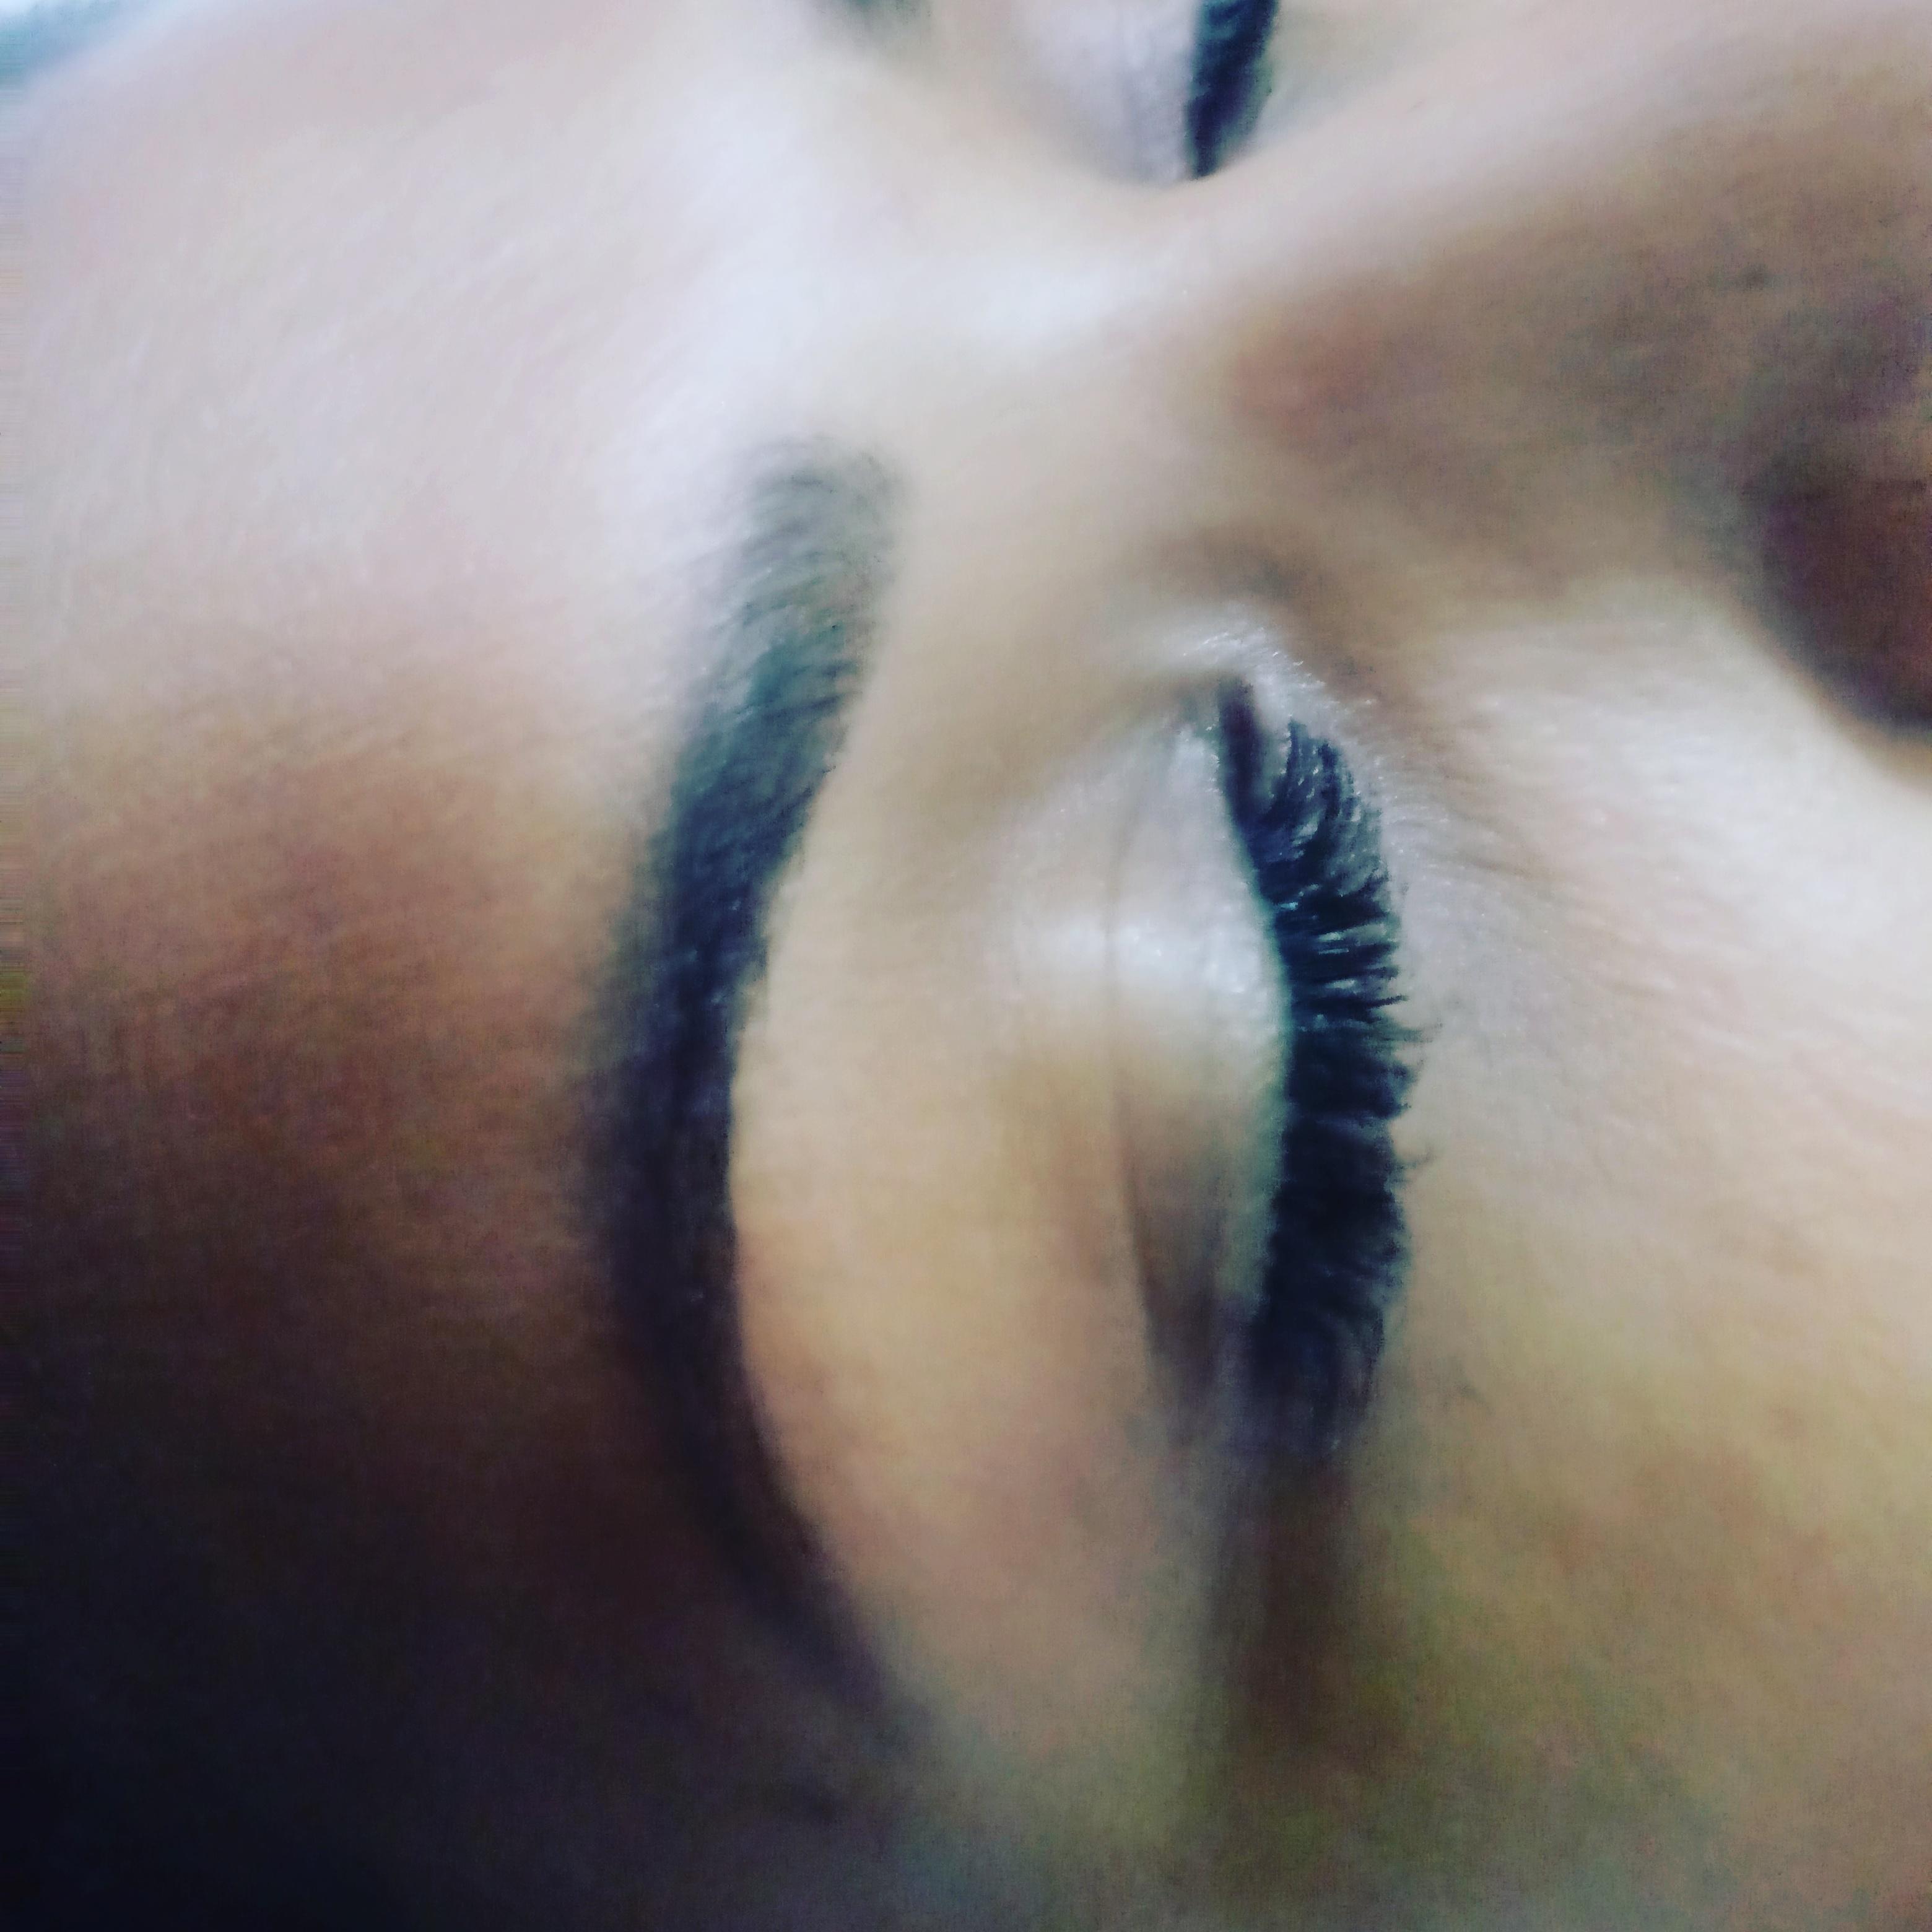 #Alogamentodecílios#designdesobrancelha outros micropigmentador(a) designer de sobrancelhas depilador(a) estudante (esteticista)